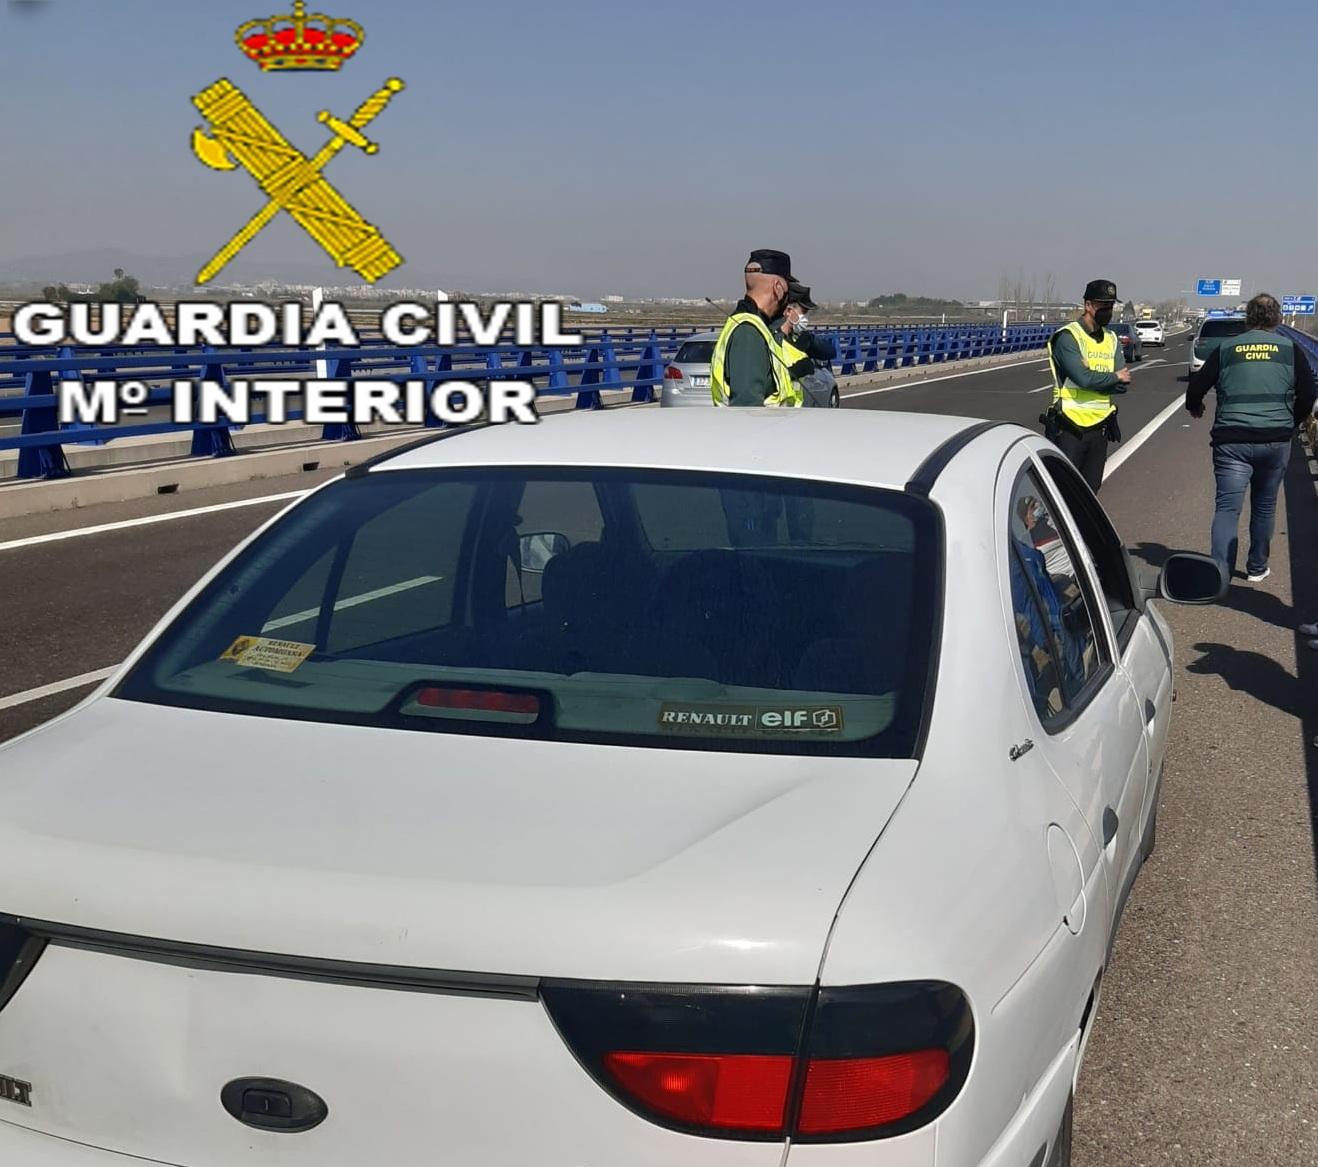 coche detenido por la guardia civil